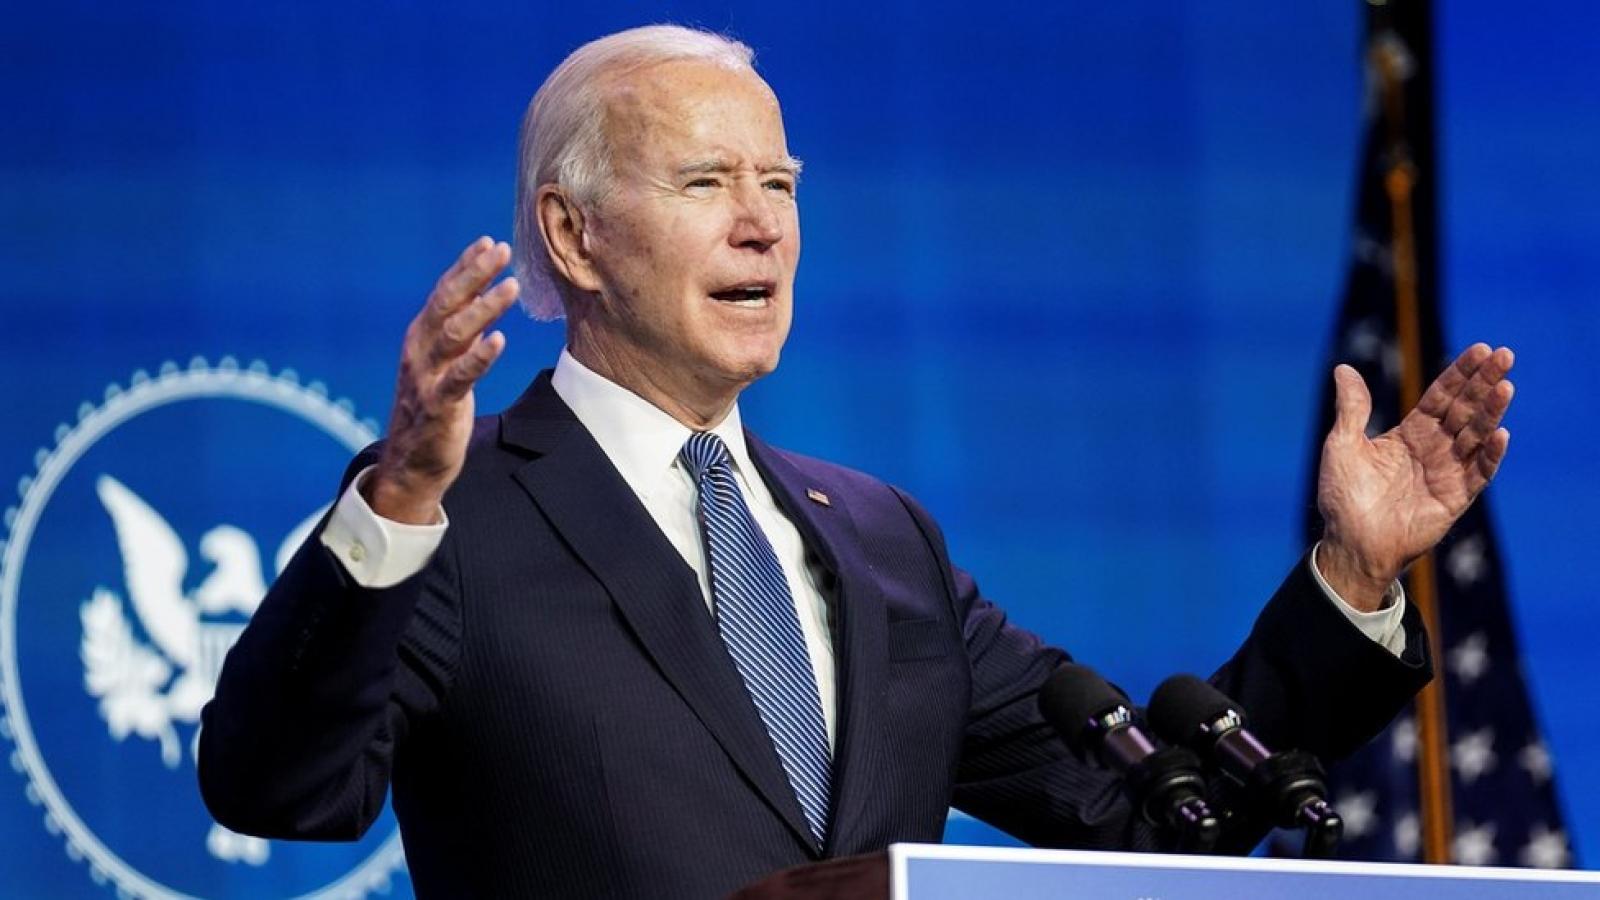 Tổng thống đắc cử Joe Biden đề cử nhân sự cấp cao của Ủy ban quốc gia đảng Dân chủ